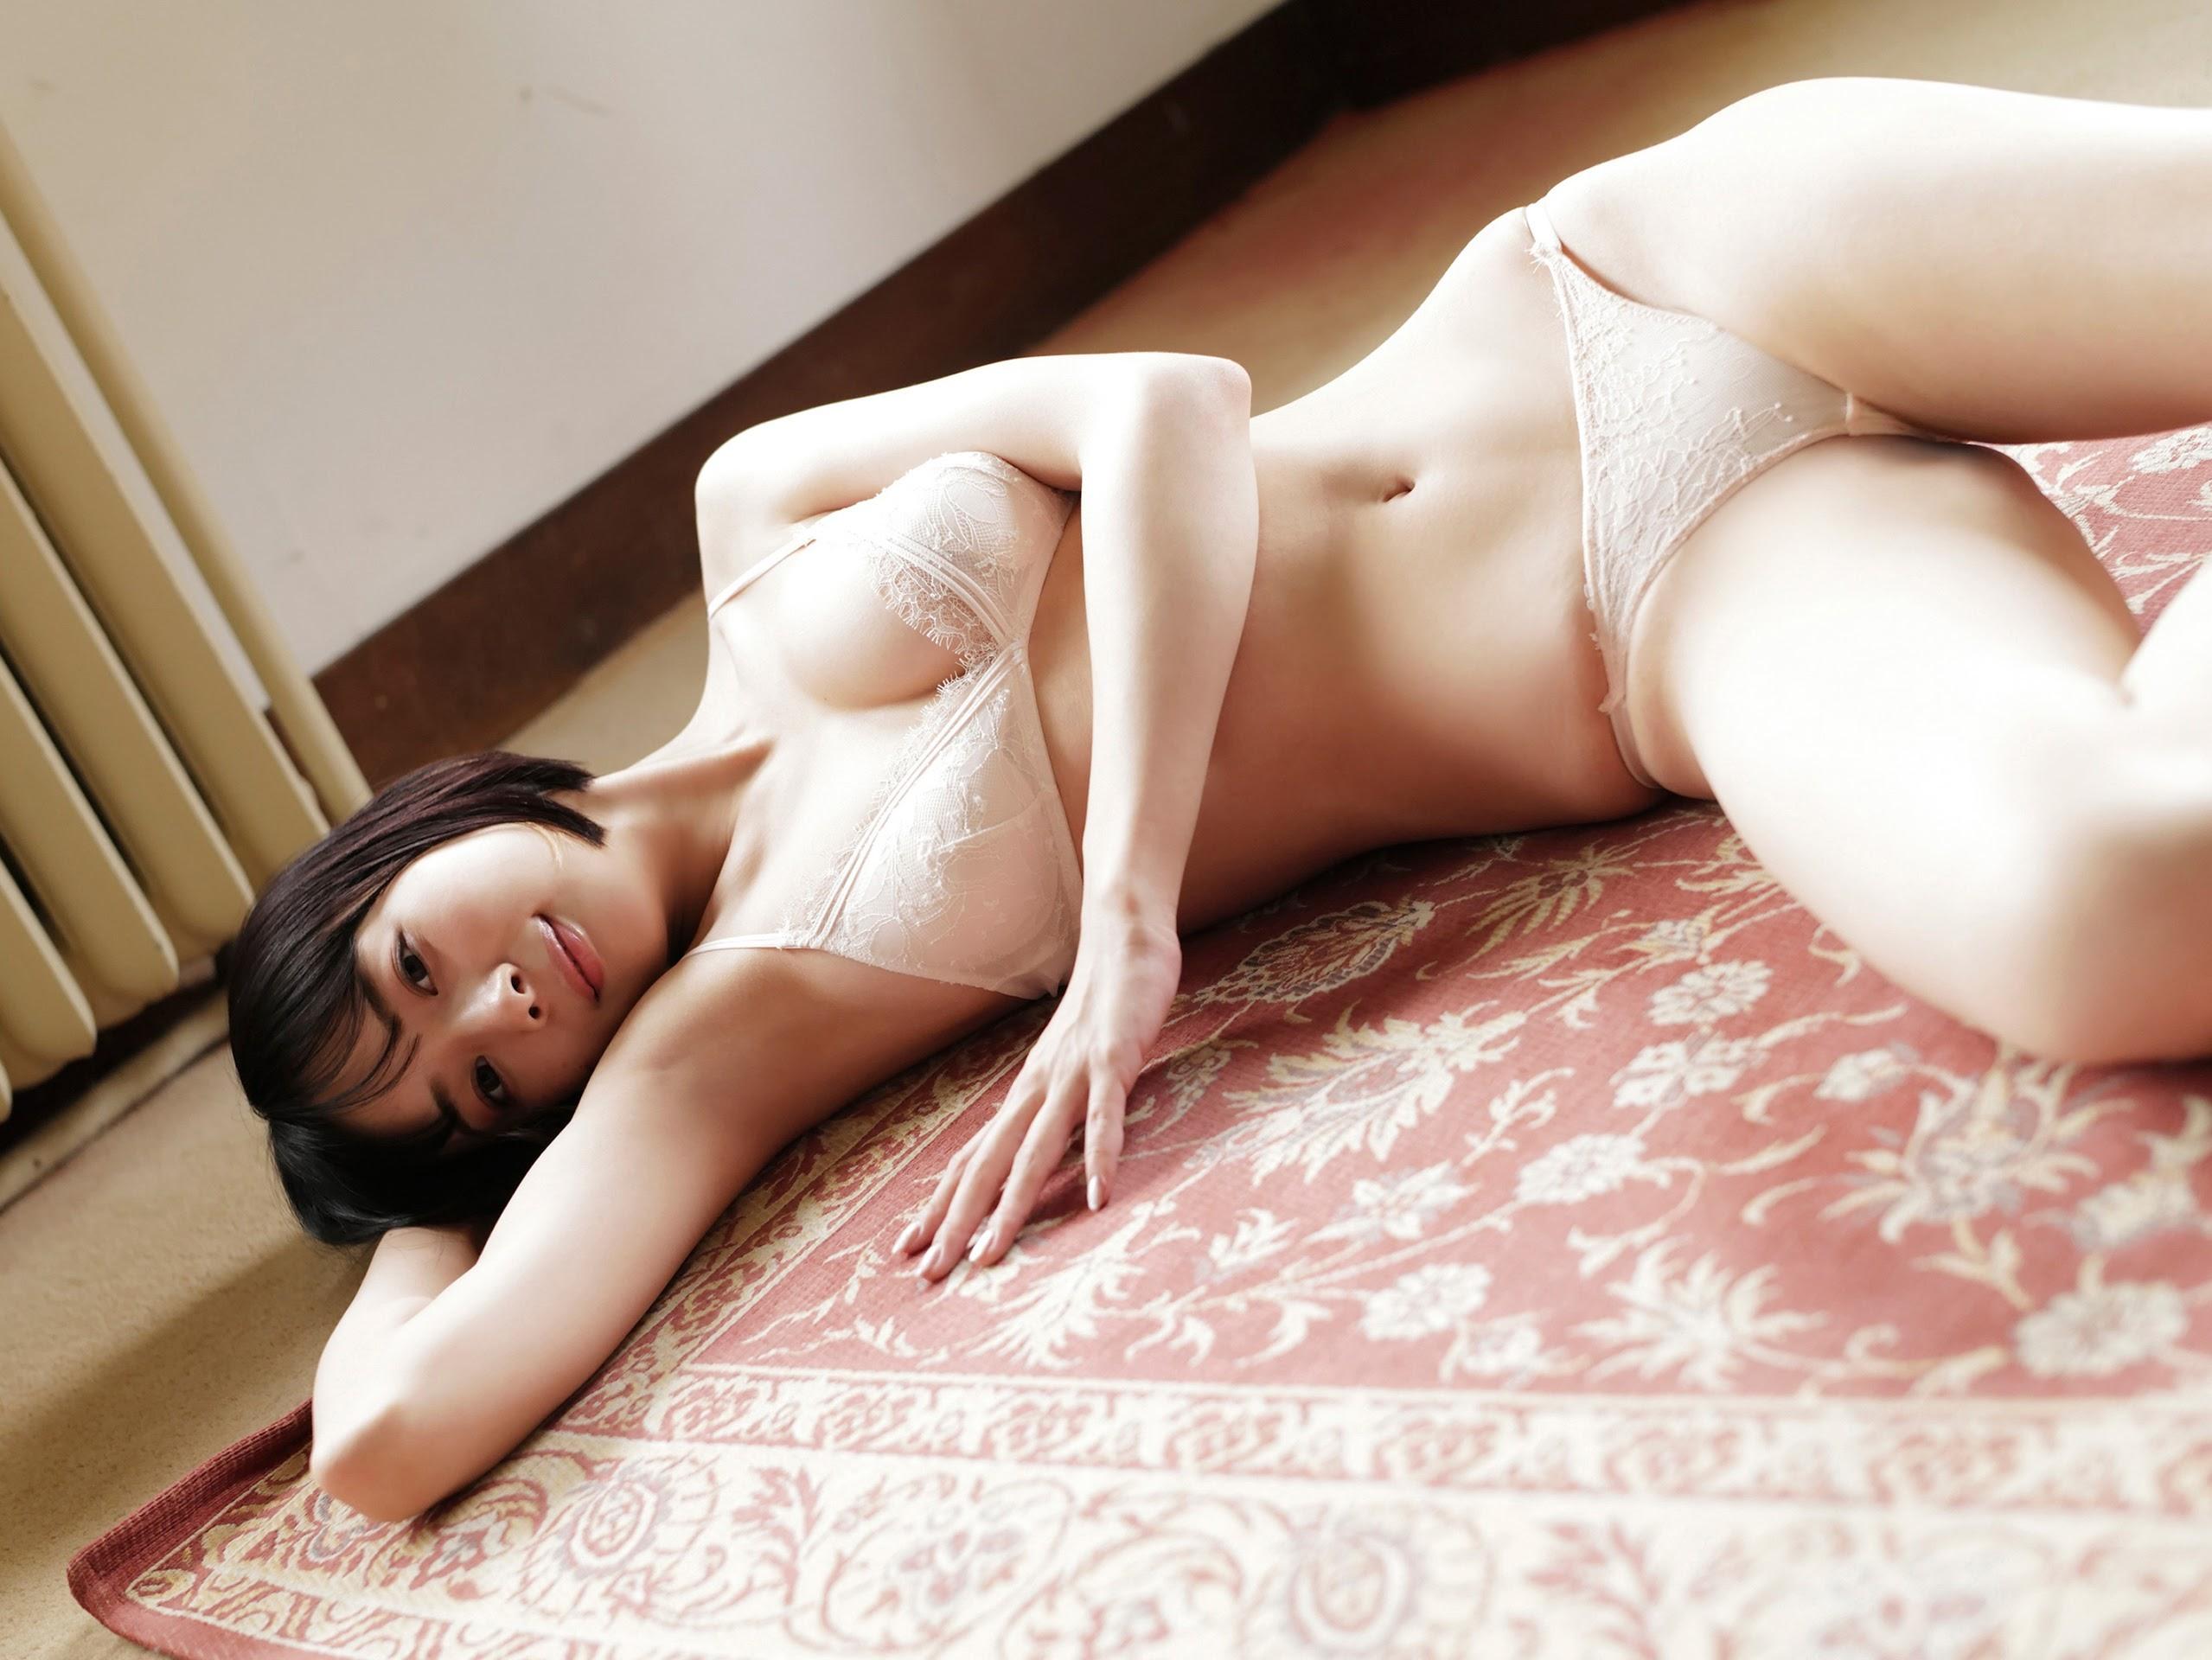 岡田紗佳107